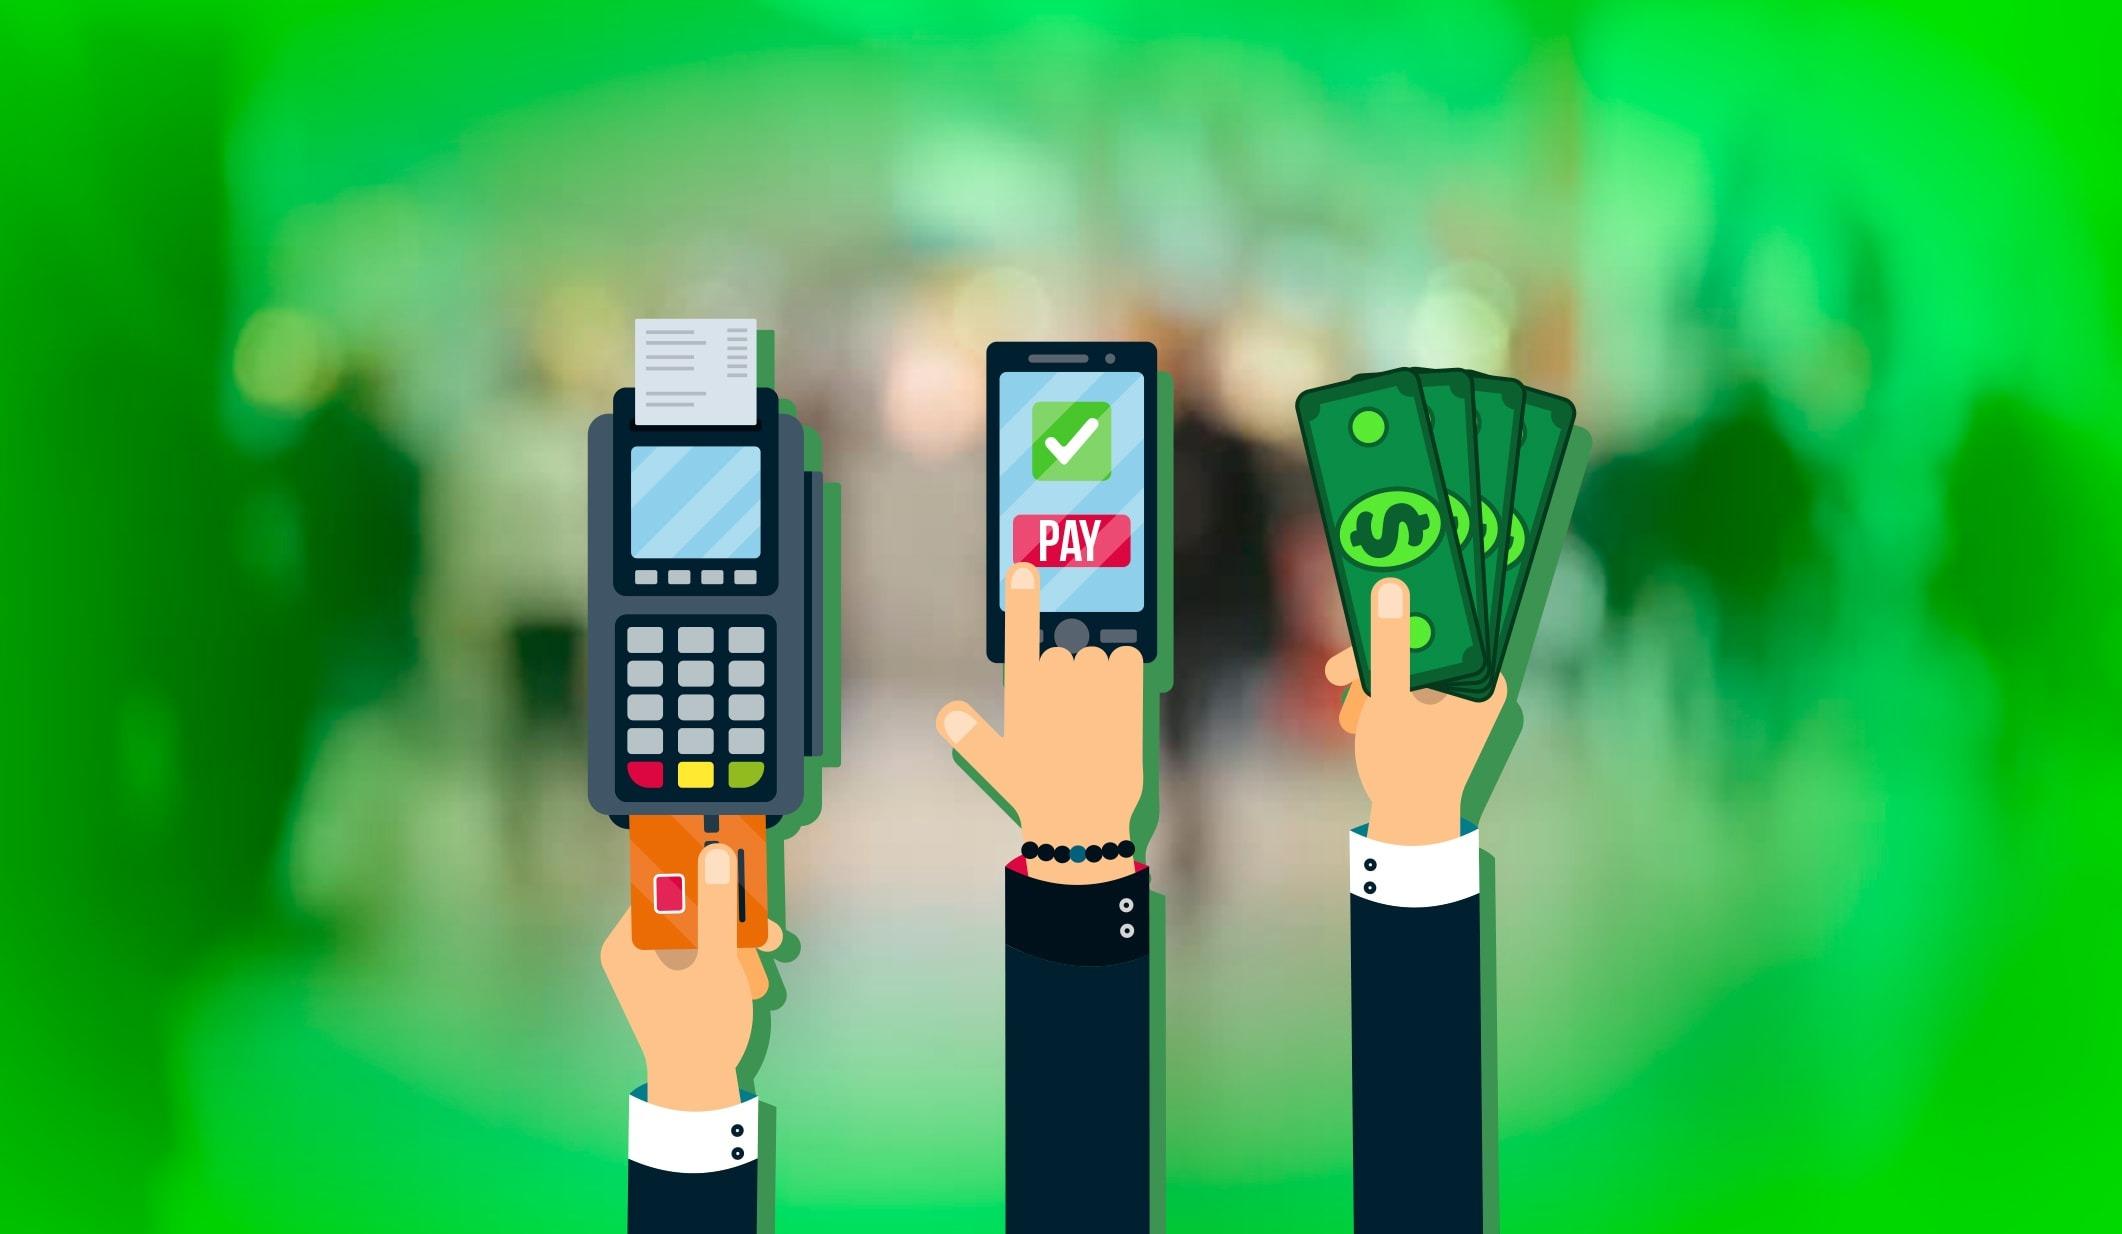 Proveedores de bienes y servicios deberán exhibir los medios de pago que acepten